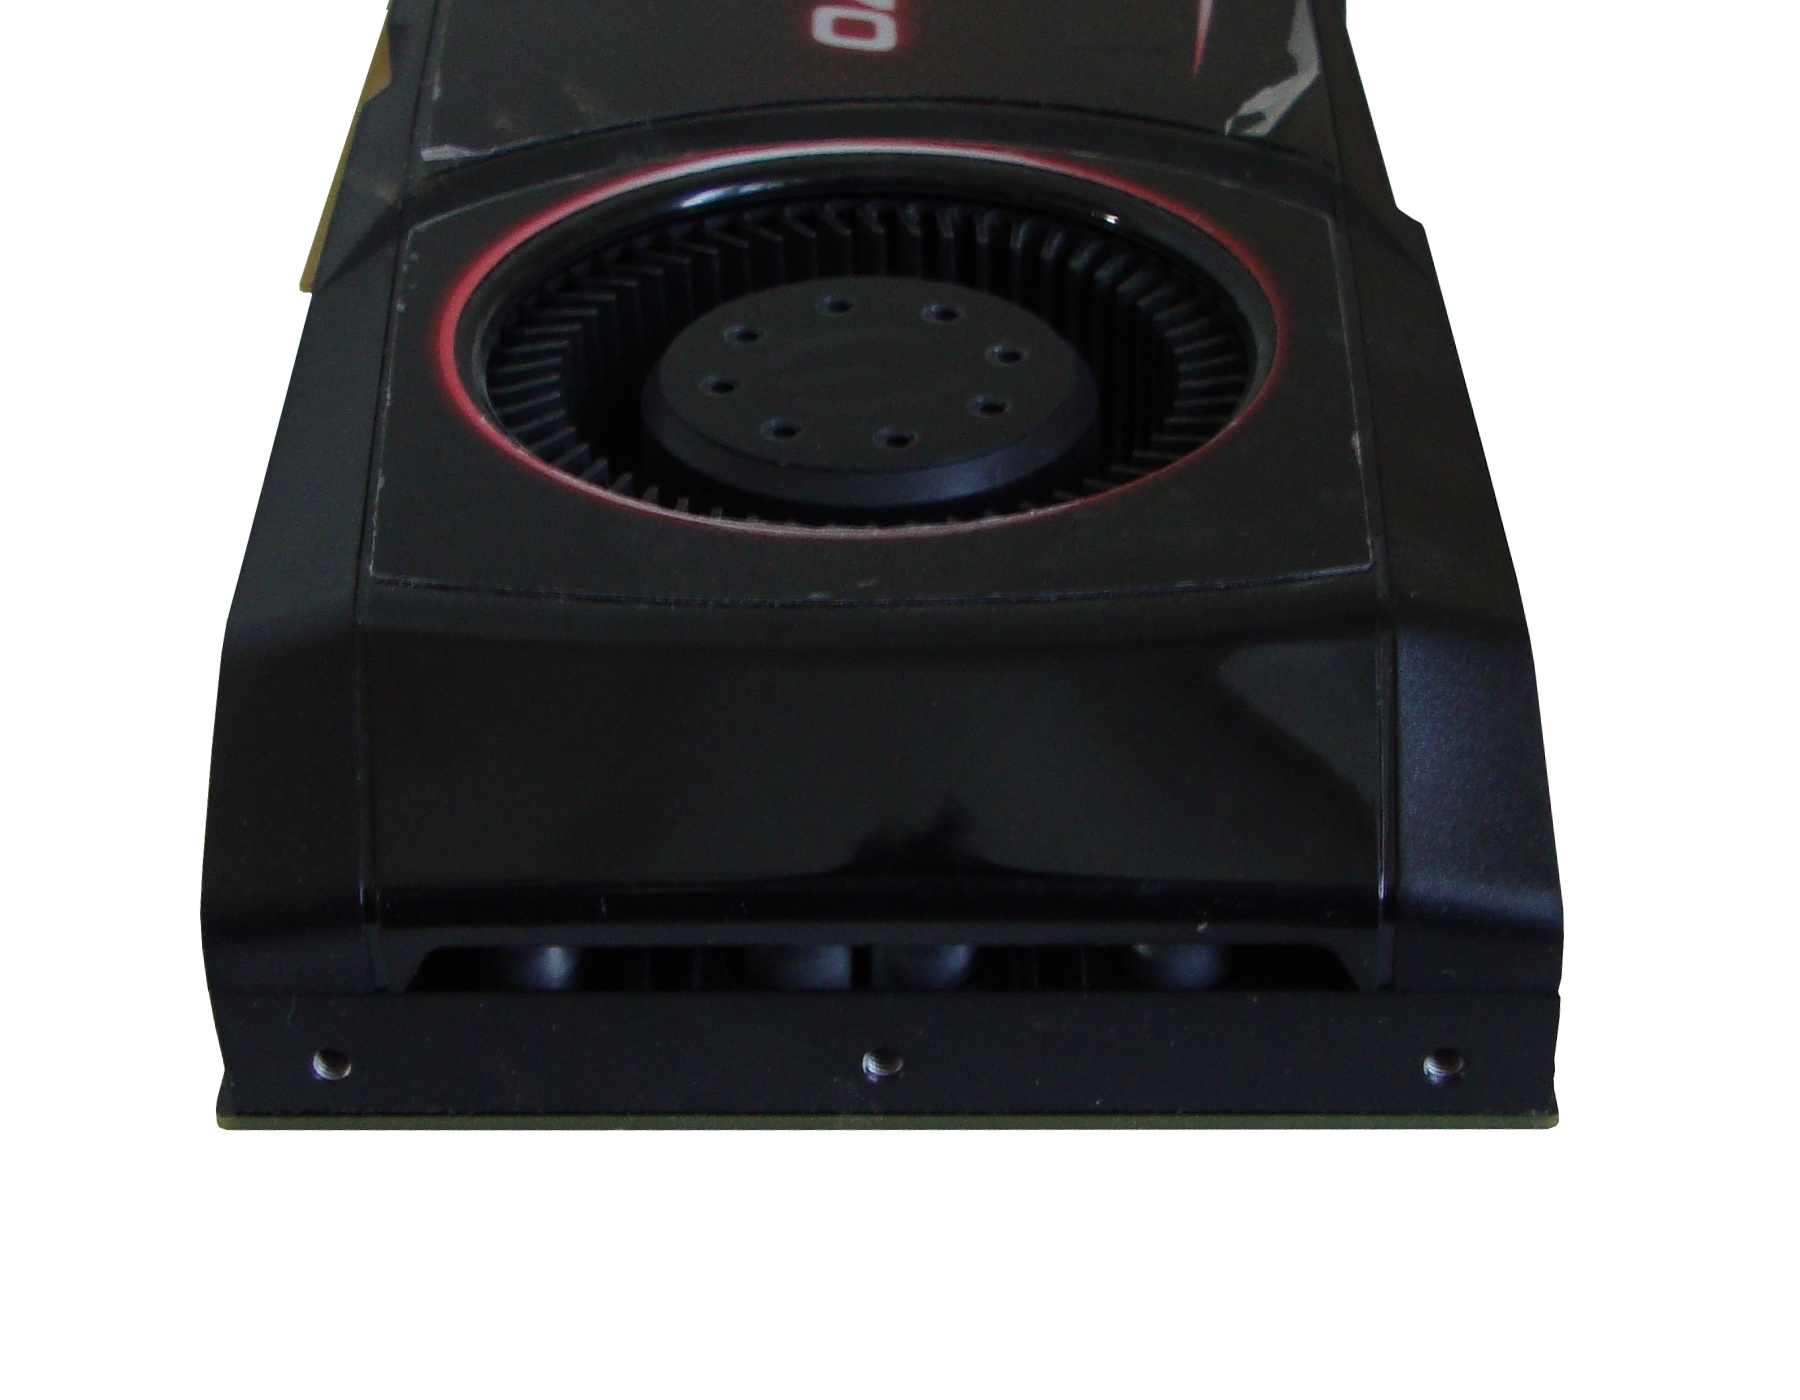 EVGA GeForce GTX 570 review | Page 4 | HWlab